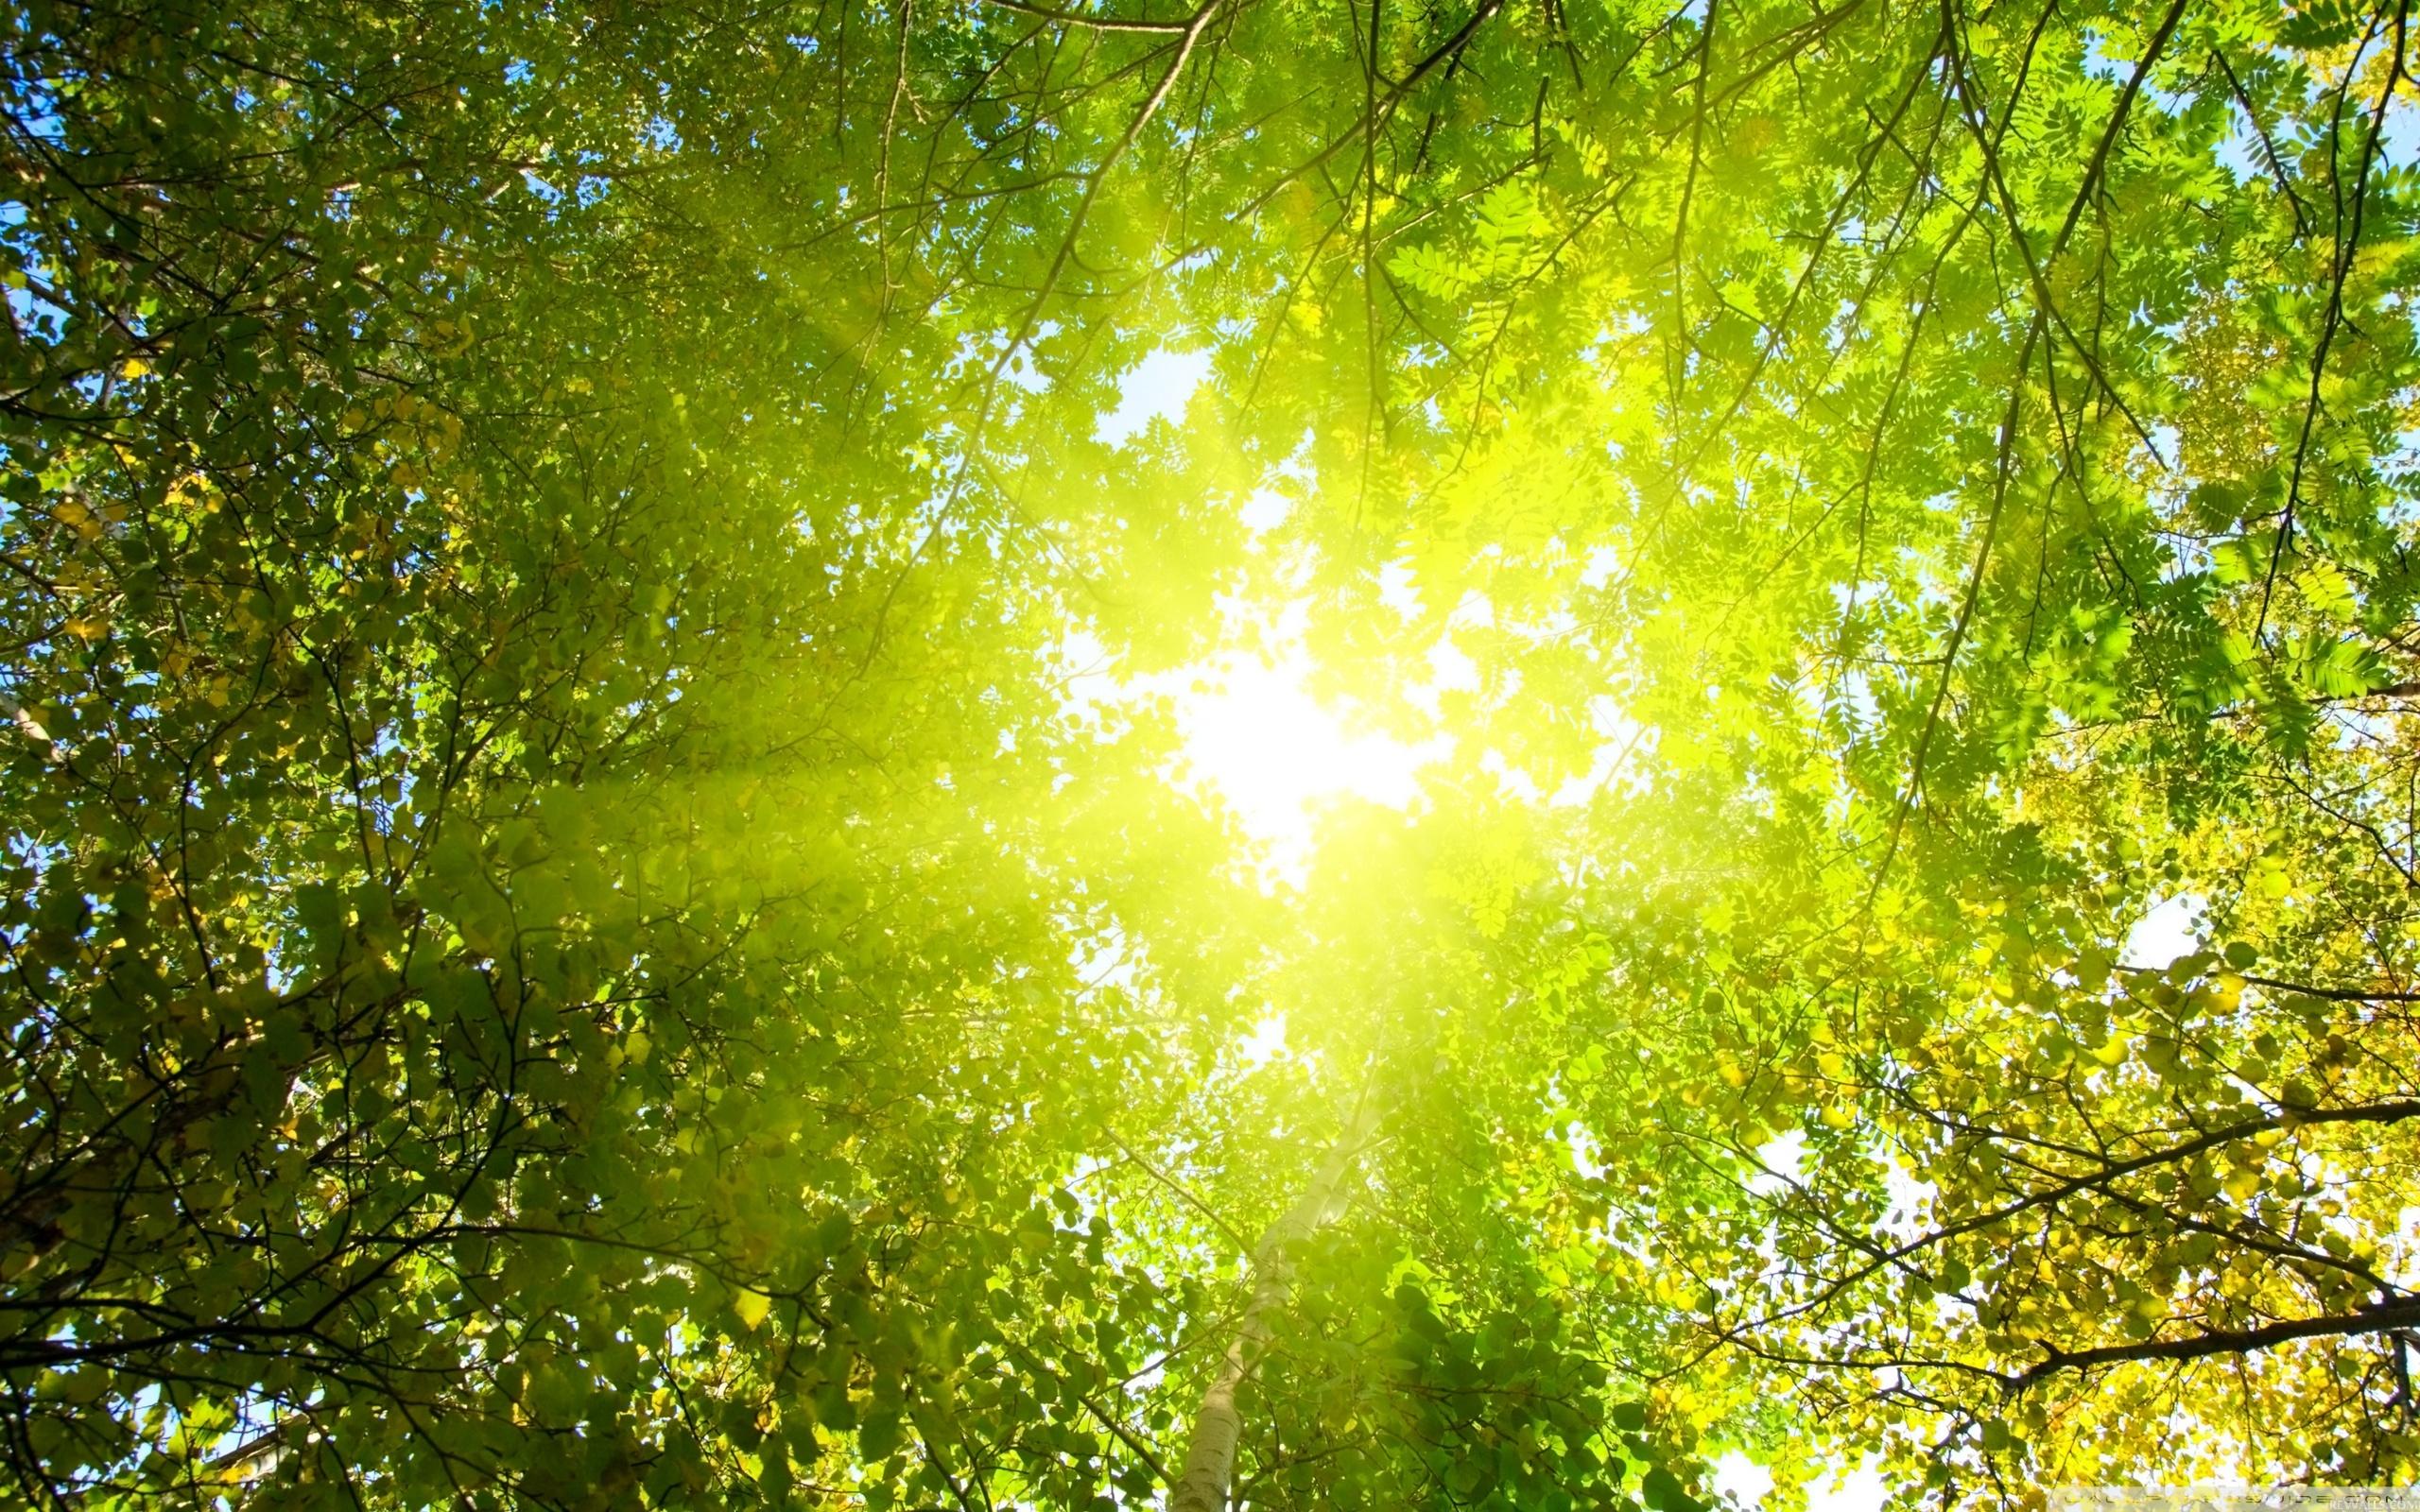 ... Sunlight Wallpaper; Sunlight Wallpaper